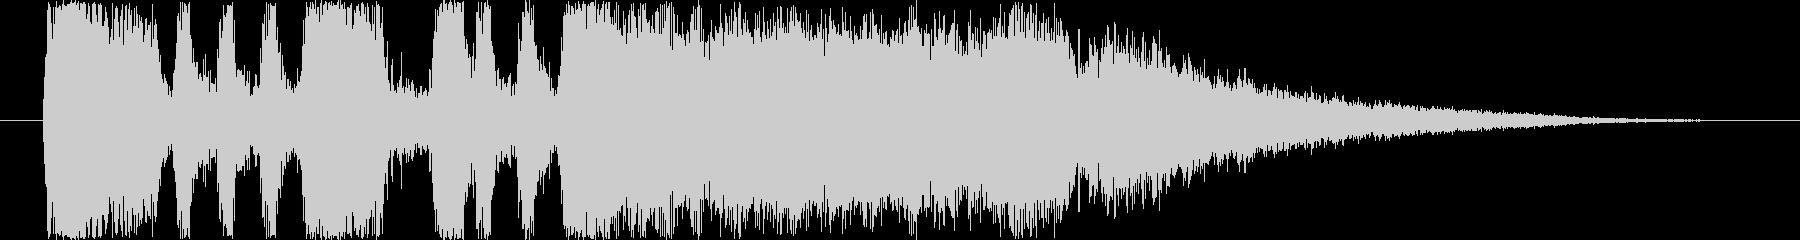 ファンファーレ2の未再生の波形